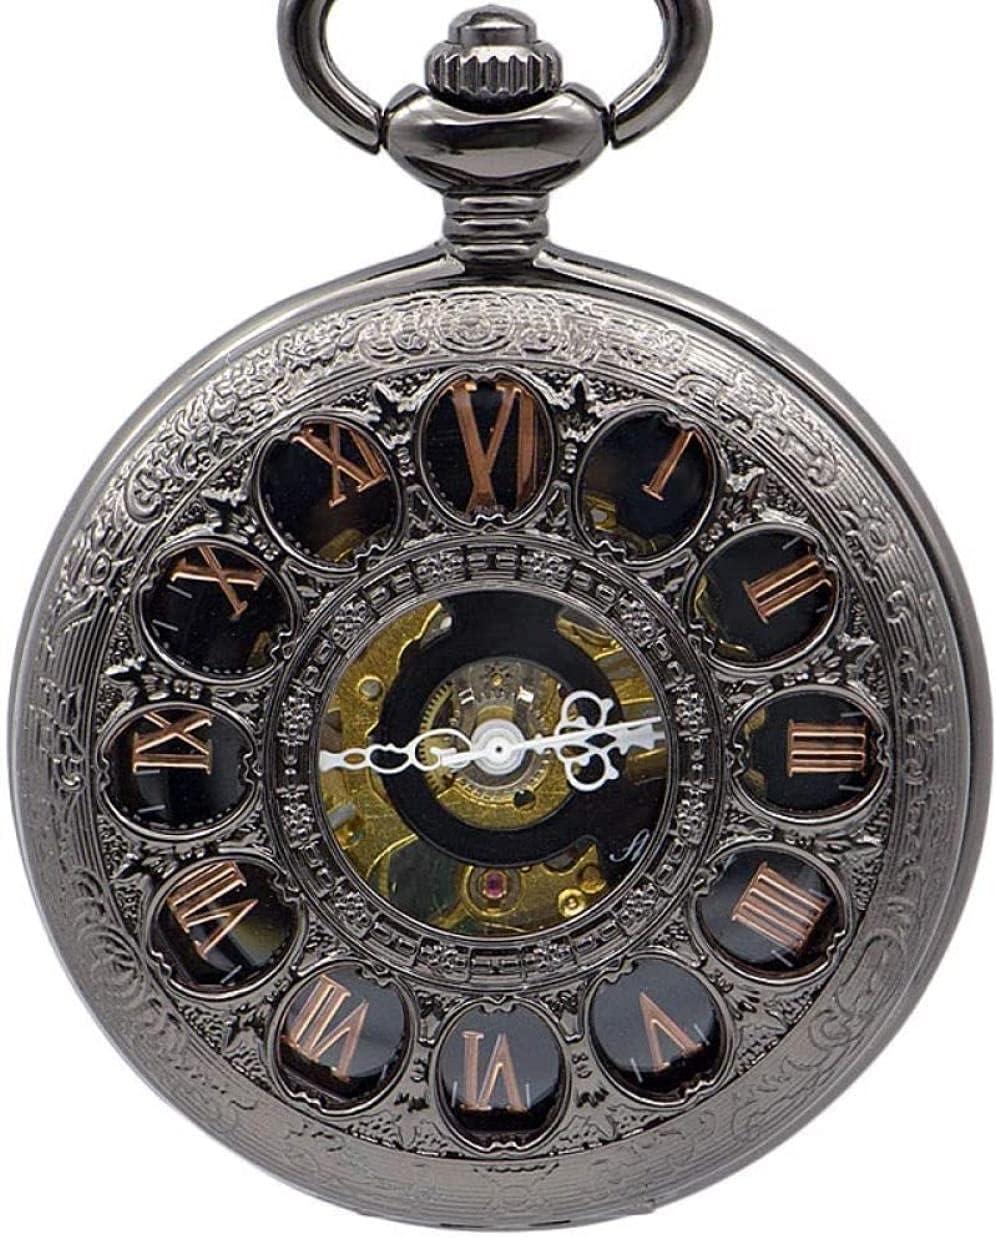 JZDH Reloj de Bolsillo de Cuarzo de Reloj de Bolsillo, Reloj de antigüedades del Collar Antiguo de los Hombres del Esqueleto Antiguo